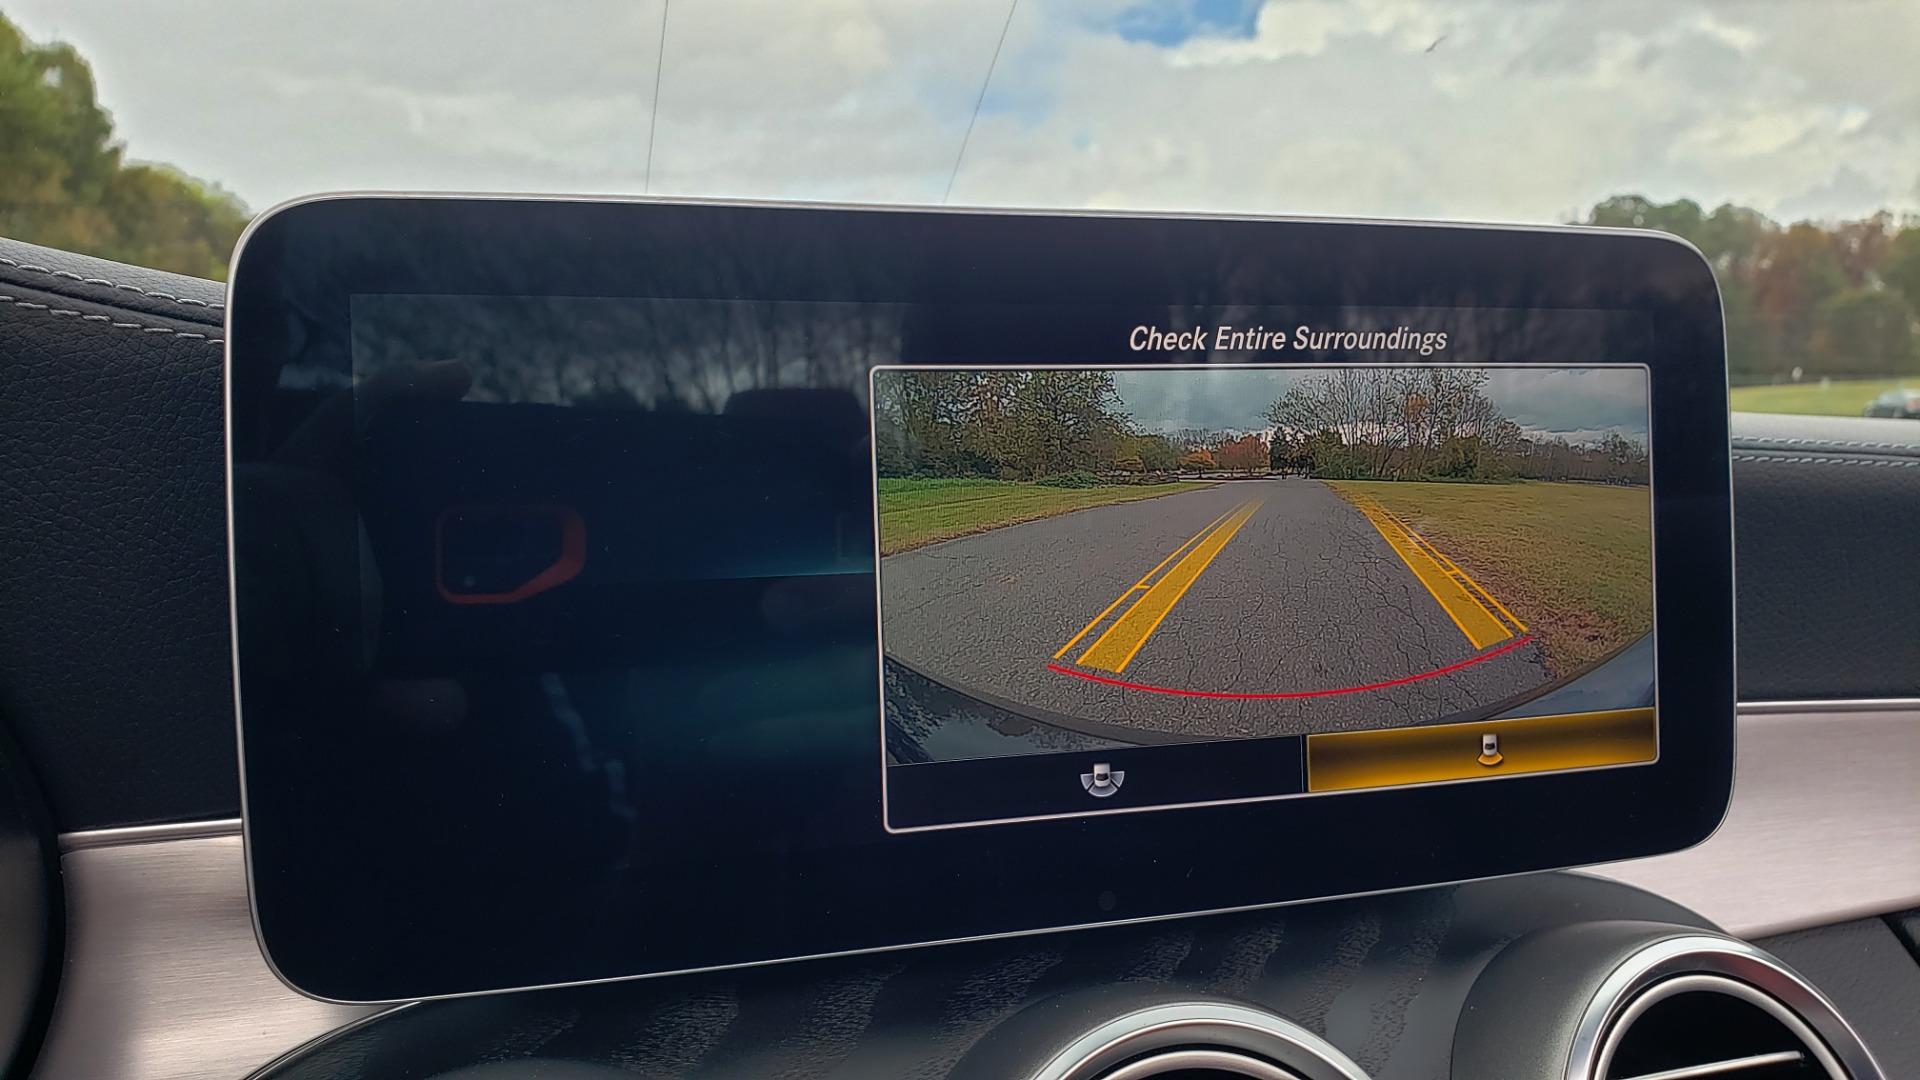 Used 2019 Mercedes-Benz C-CLASS C 300 CABRIOLET / PREM PKG / NAV / BURMESTER / MULTIMEDIA for sale $49,995 at Formula Imports in Charlotte NC 28227 46